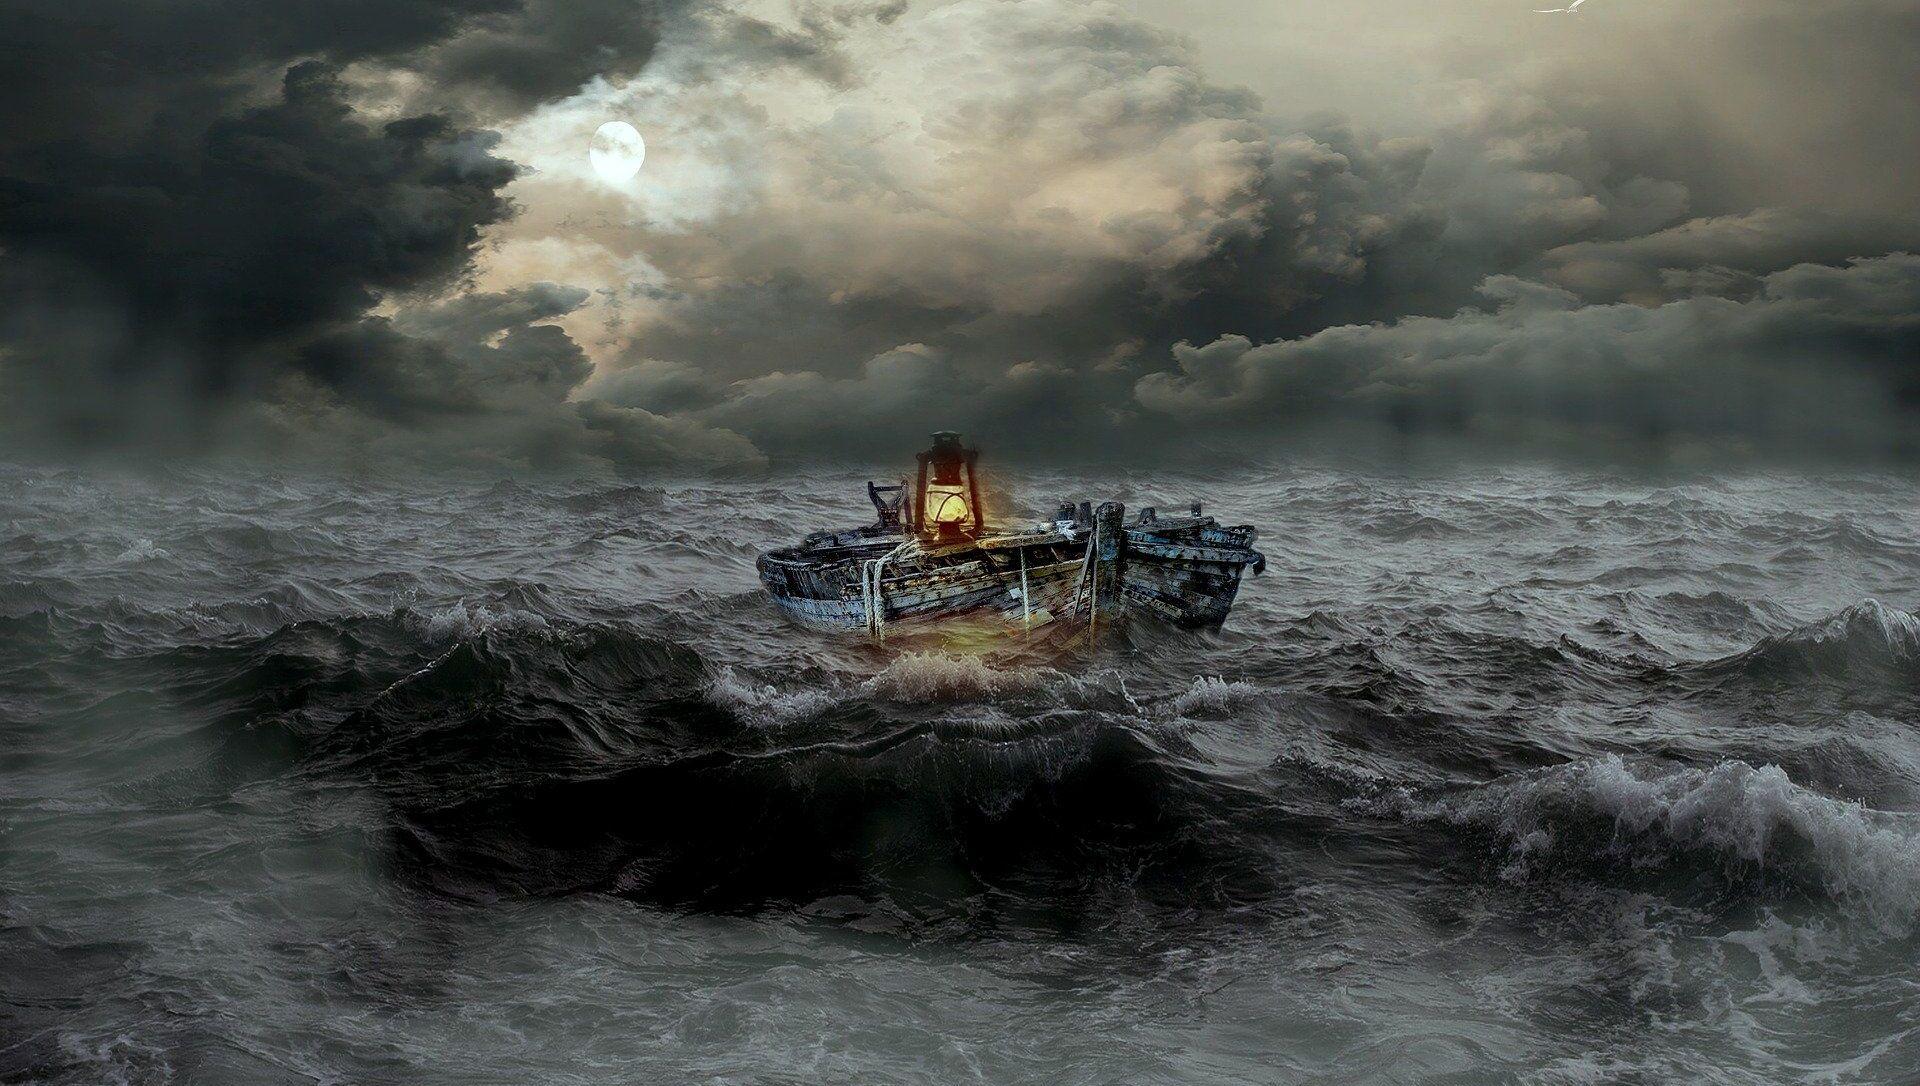 Bateau dans la tempête - Sputnik France, 1920, 25.02.2021